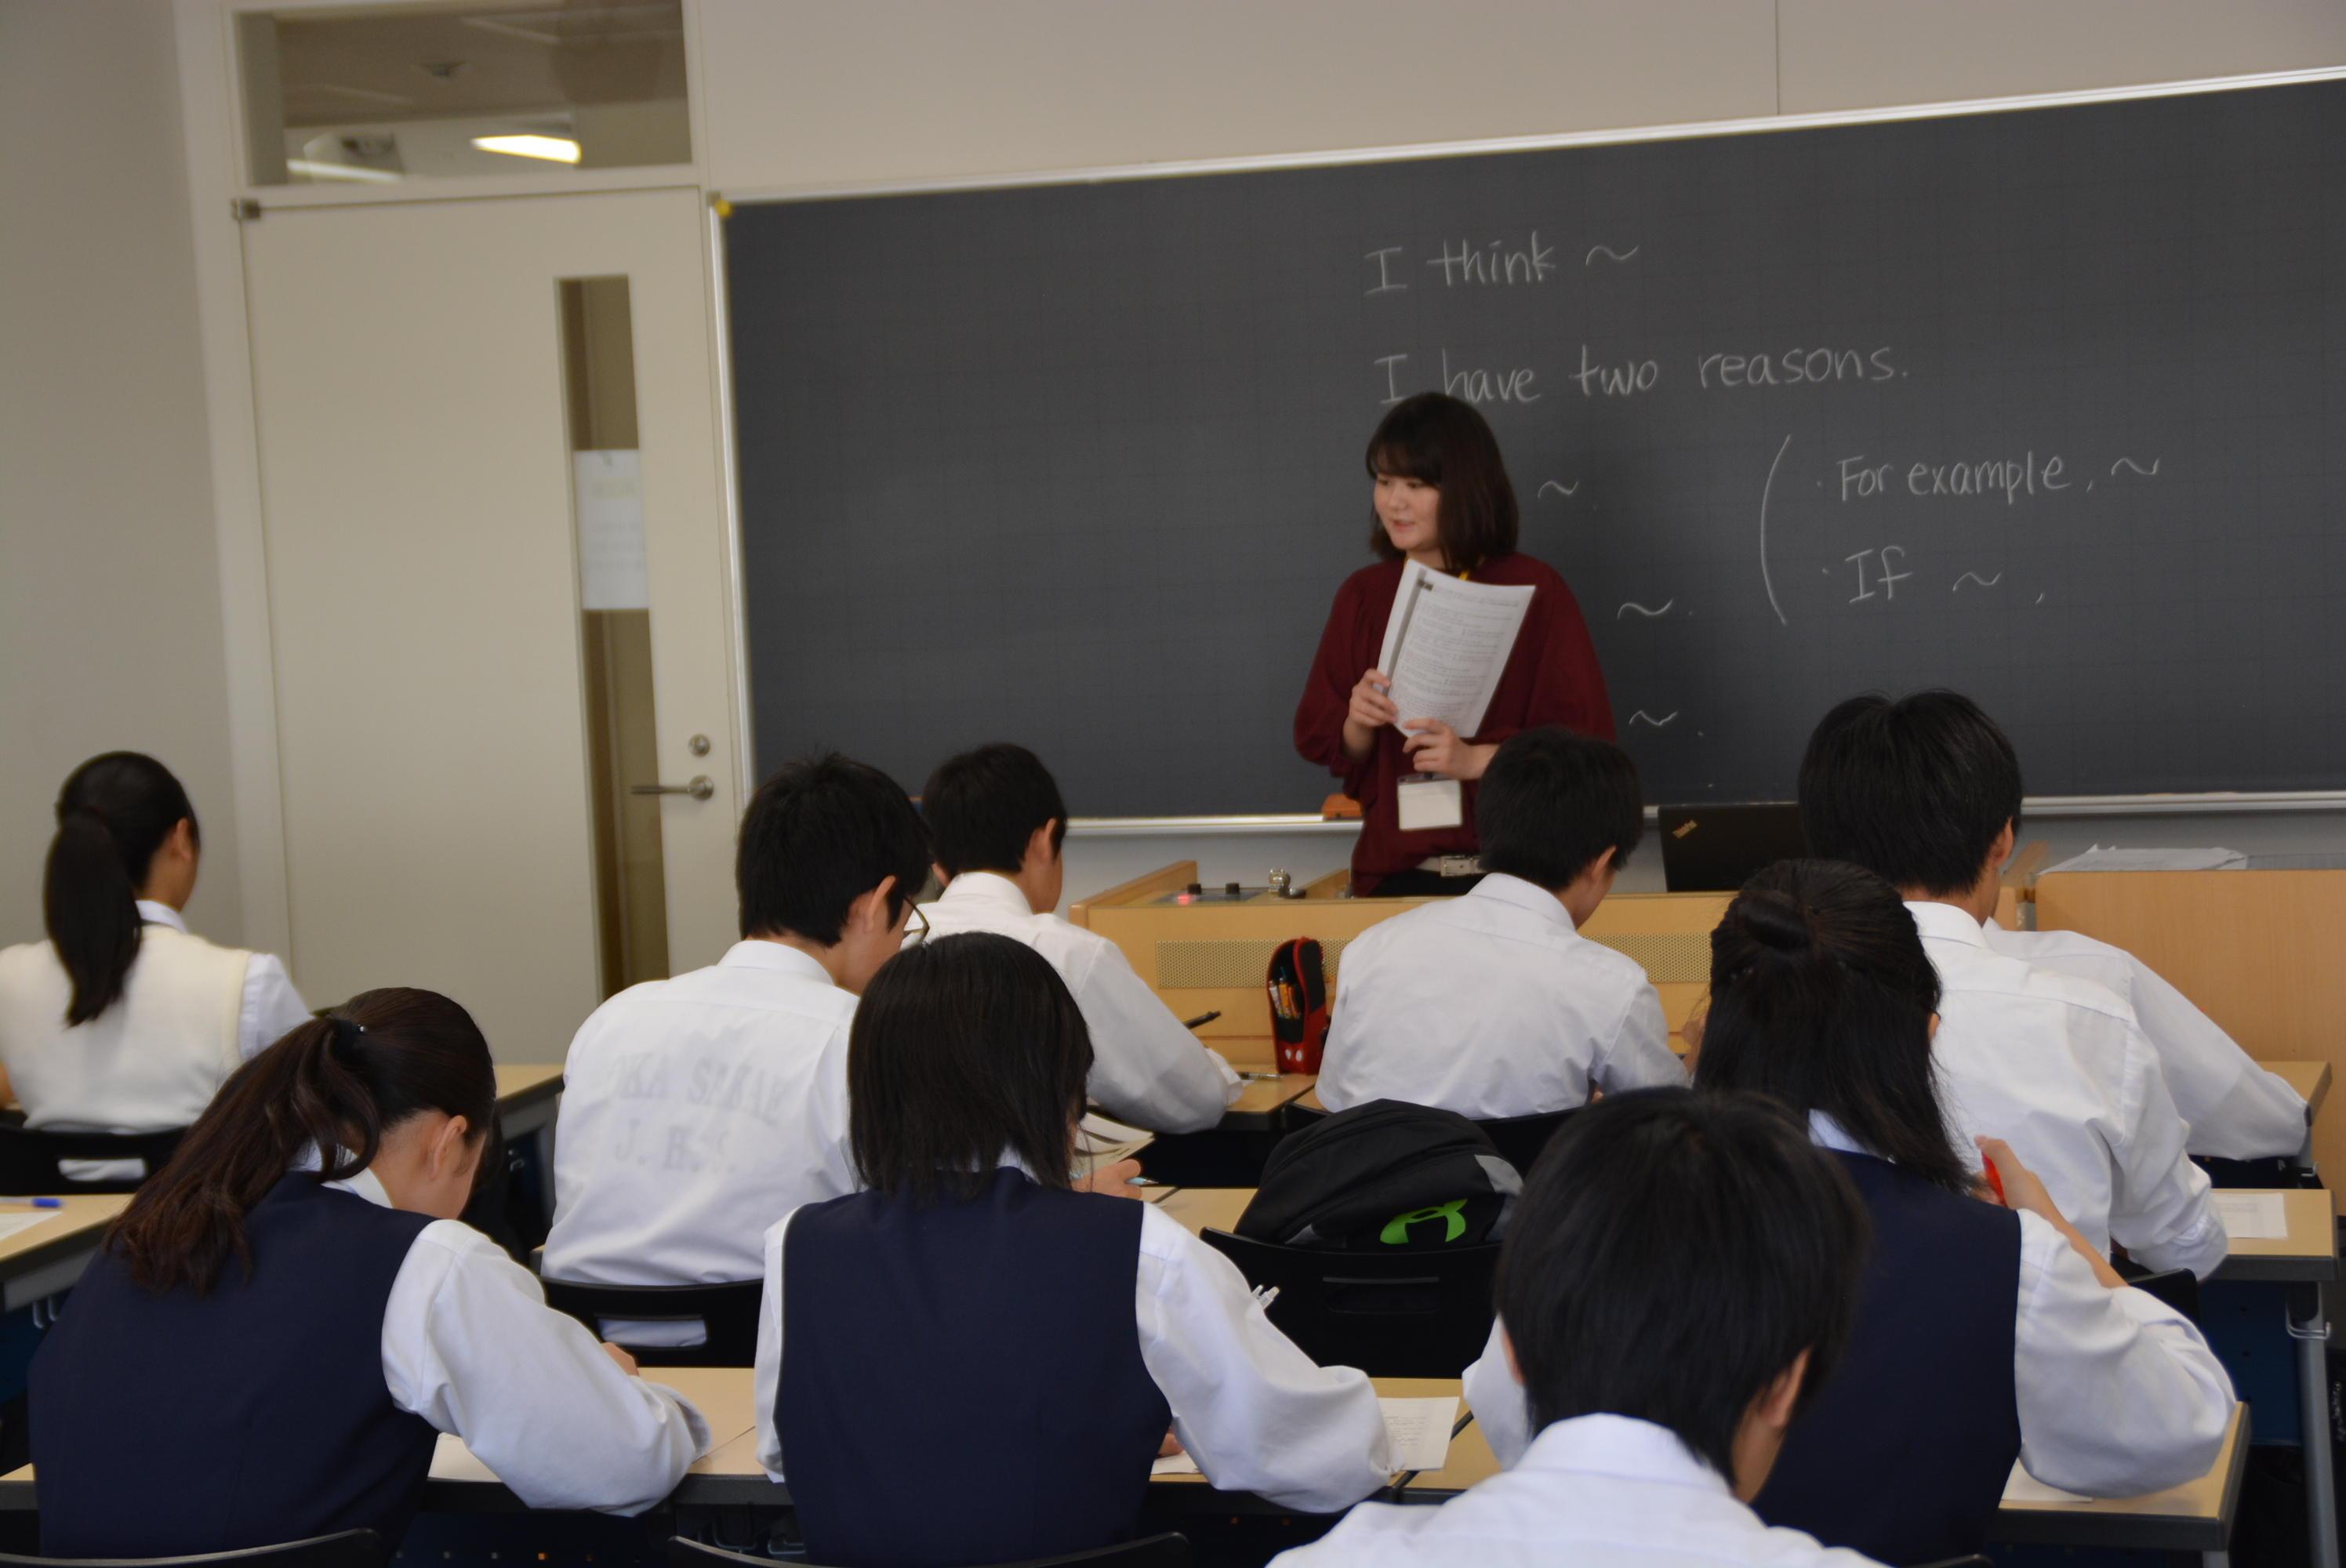 獨協大学で草加市内の中学3年生を対象とした「英語検定試験直前学習会」を開催 -- 教員免許取得を目指す学生らが講師を担当